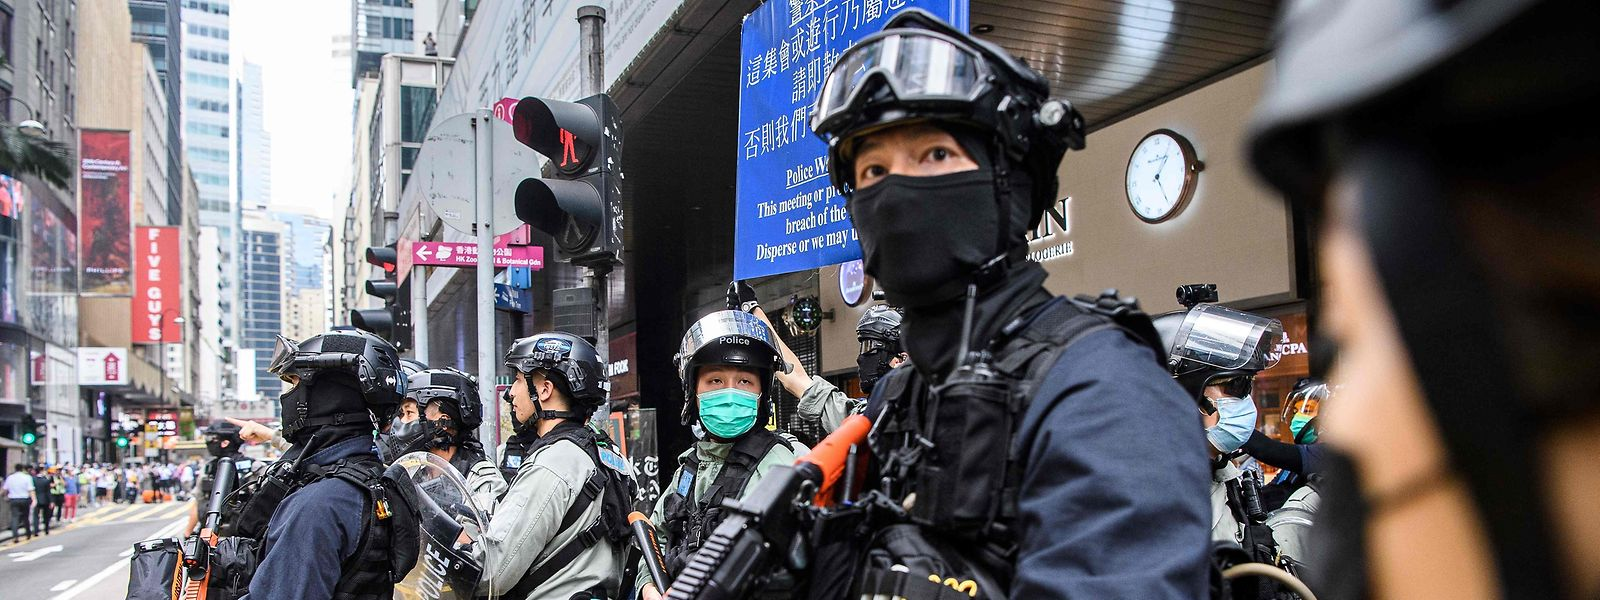 Schwer bewaffnete Polizisten bereiten sich auf ihren Einsatz vor.